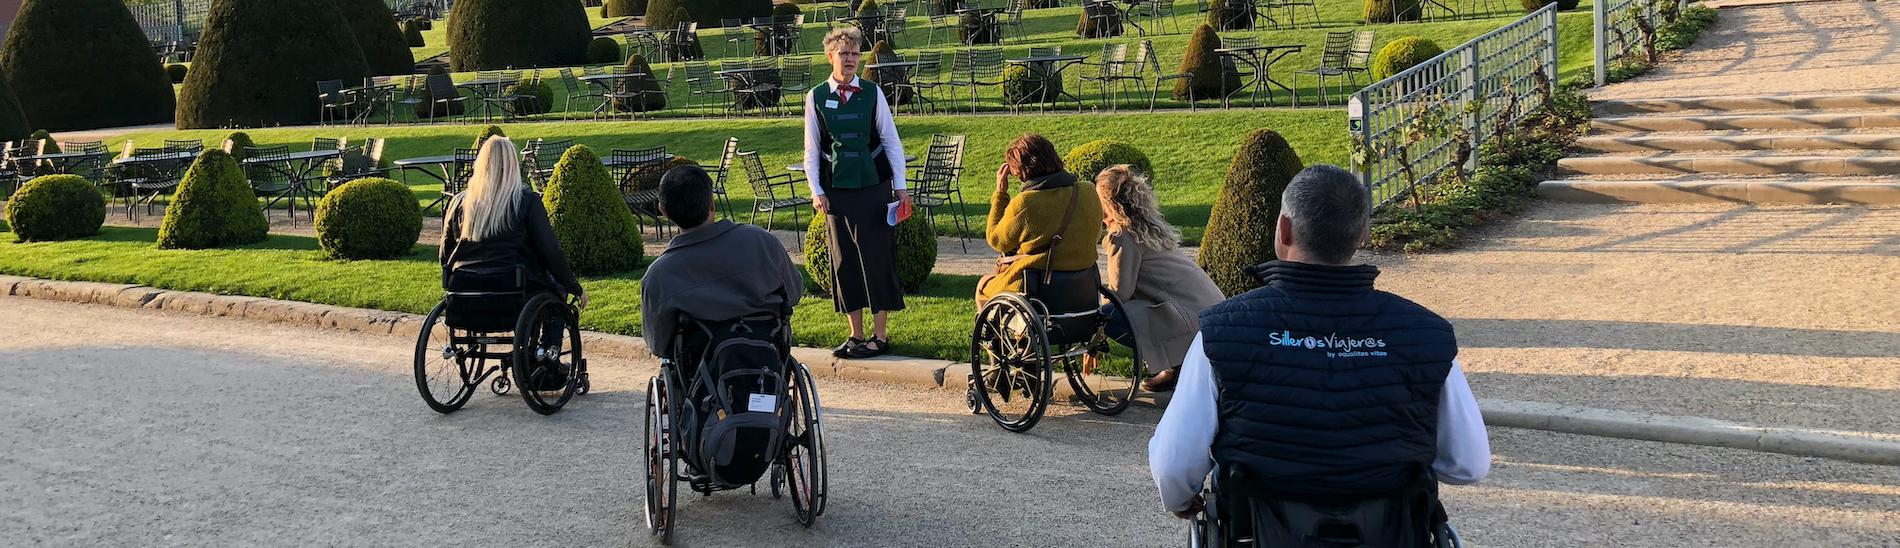 Actividades accesibles en silla de ruedas para personas con discapacidad